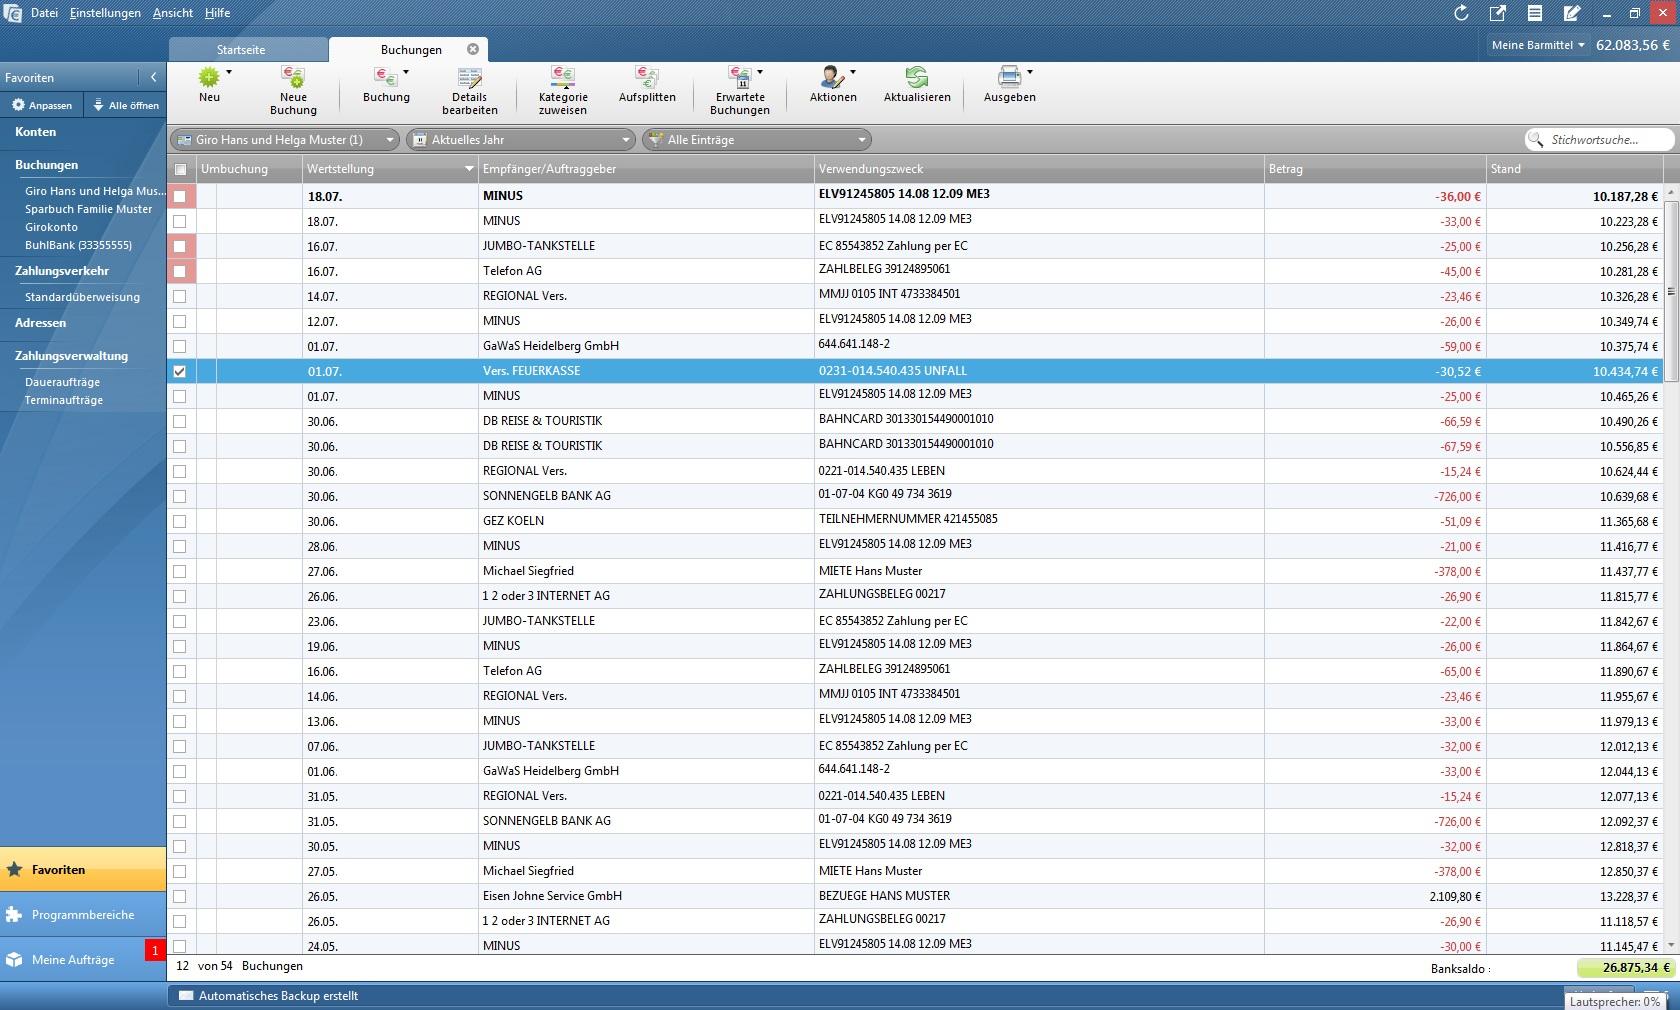 Die Buchungsliste enthält alle Buchungen für alle Konten. Unterhalb der Buchungsliste werden nach Karteikarten geordnet Detail-Informationen zur ausgewählten Buchung angezeigt.